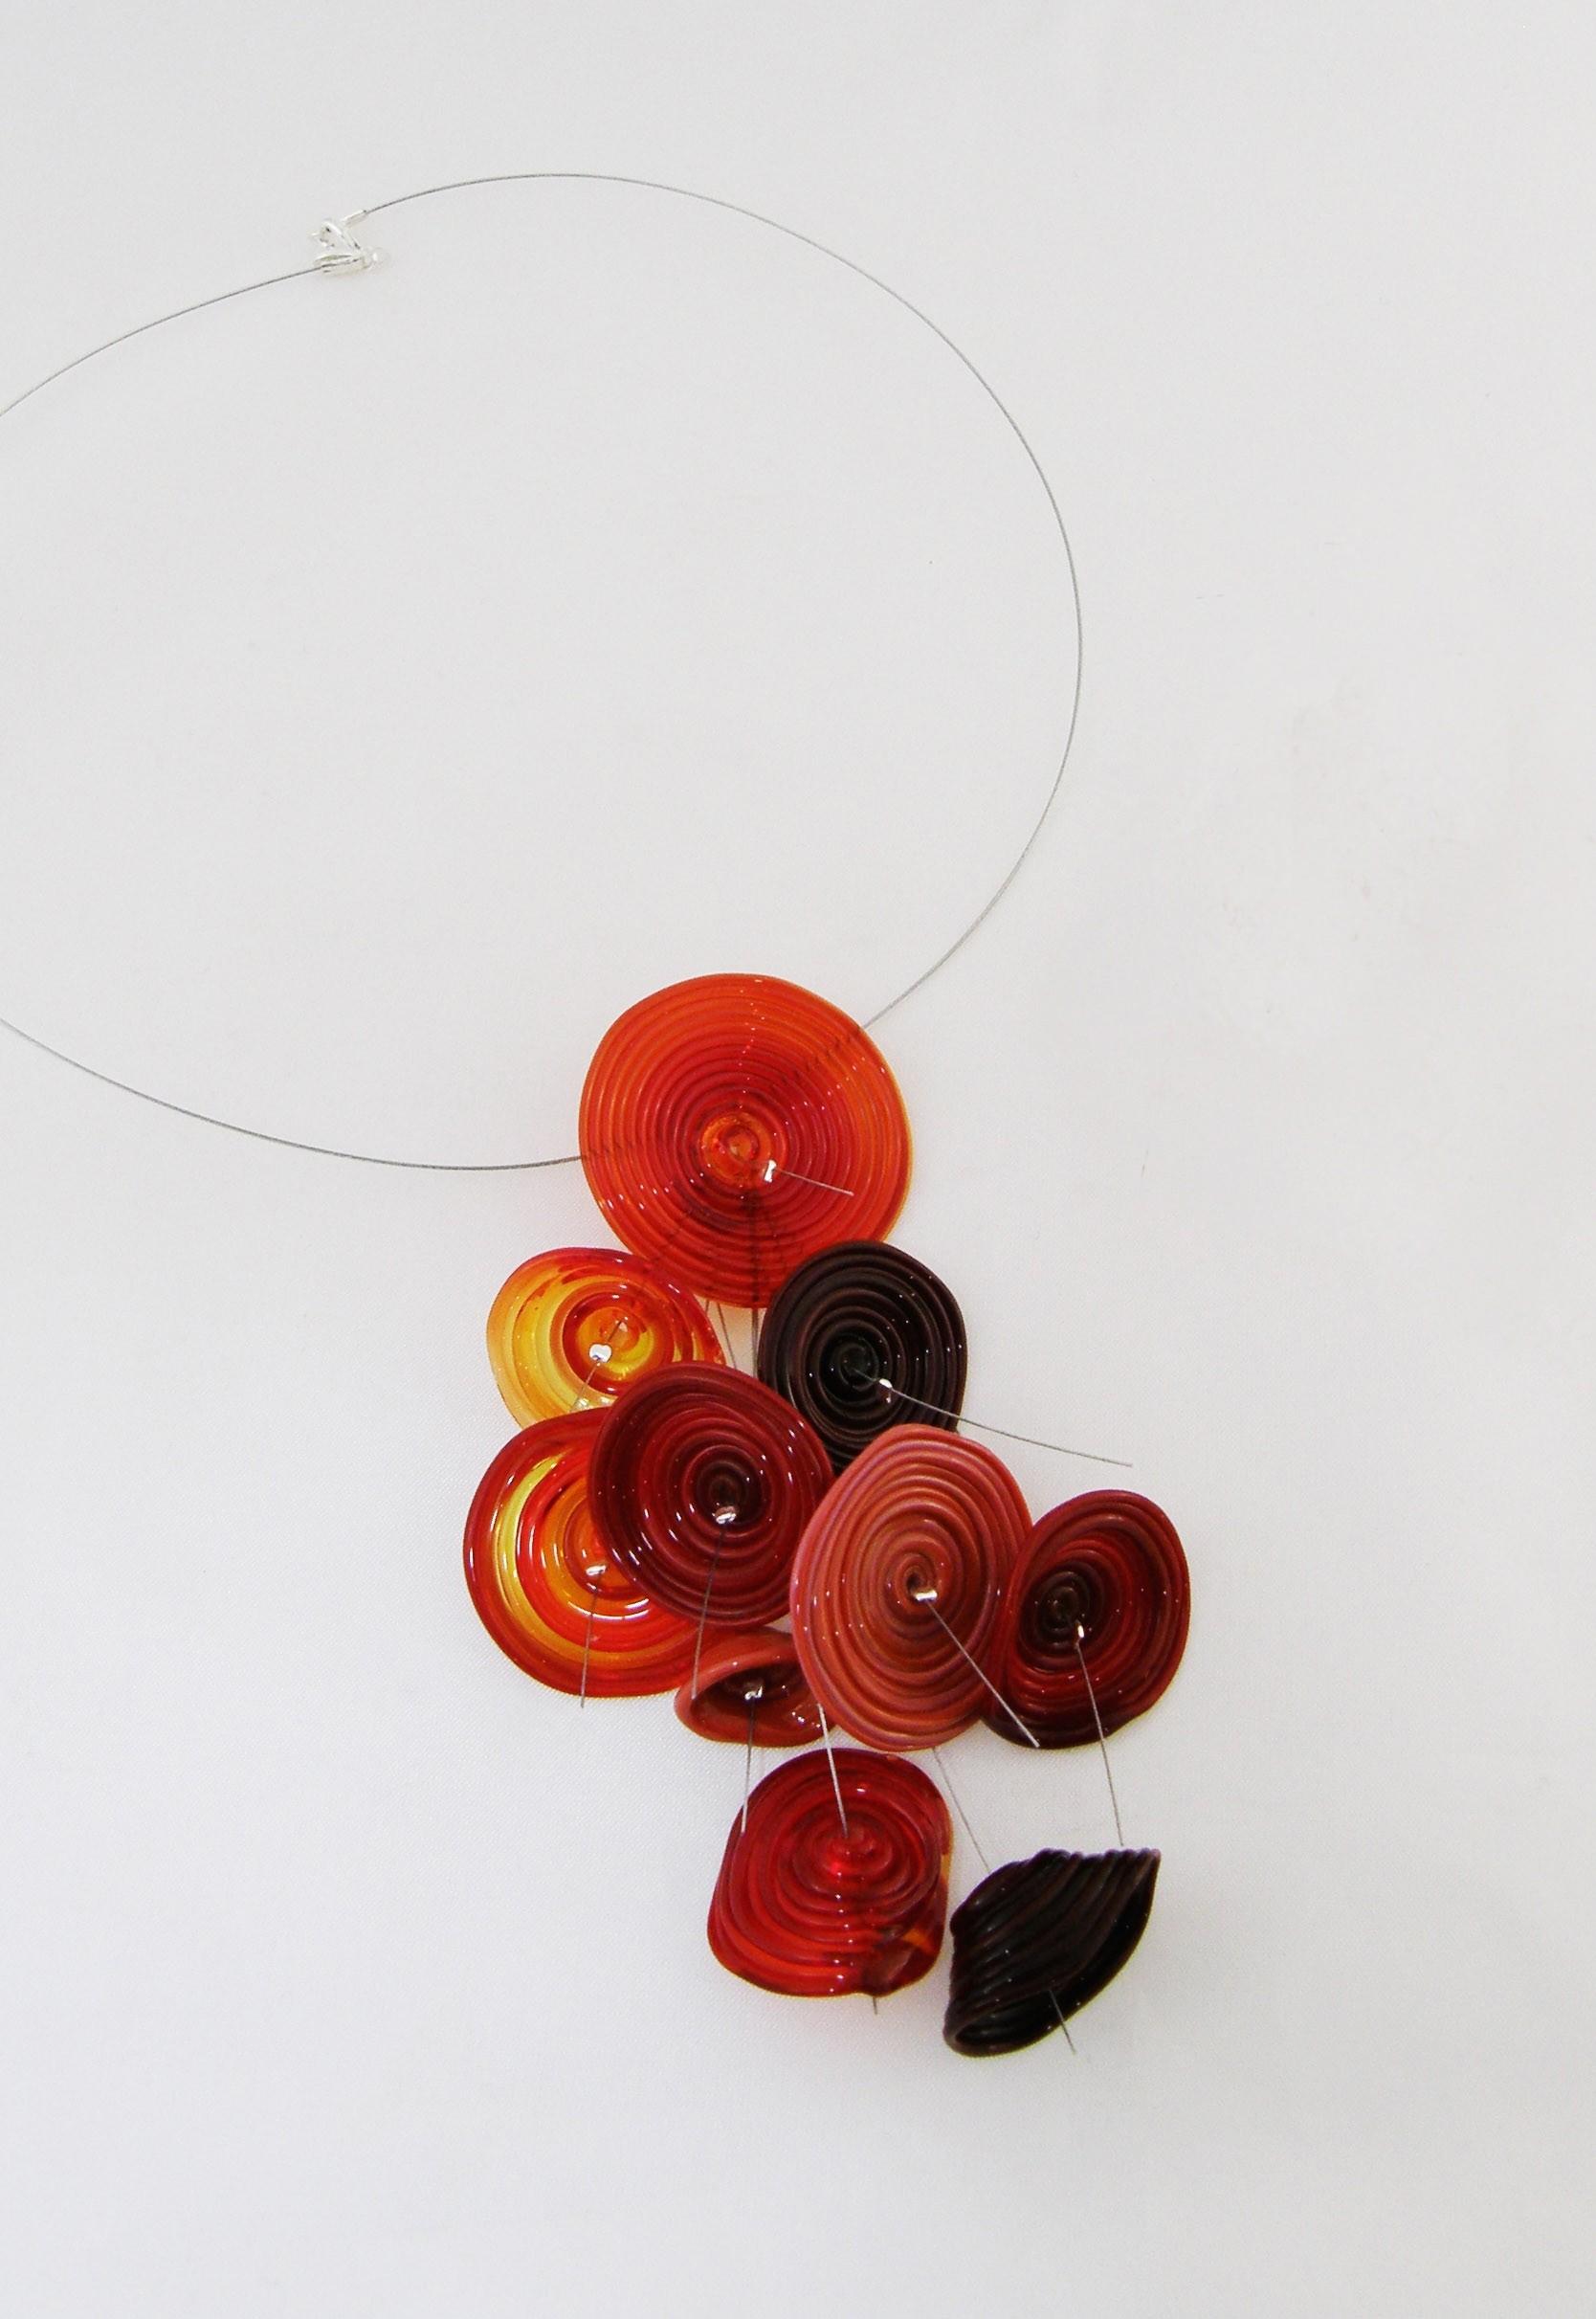 Collier, Folie rouge, de l'artiste Mun Muntadas, Matière première : verre au chalumeau, Chaîne argent